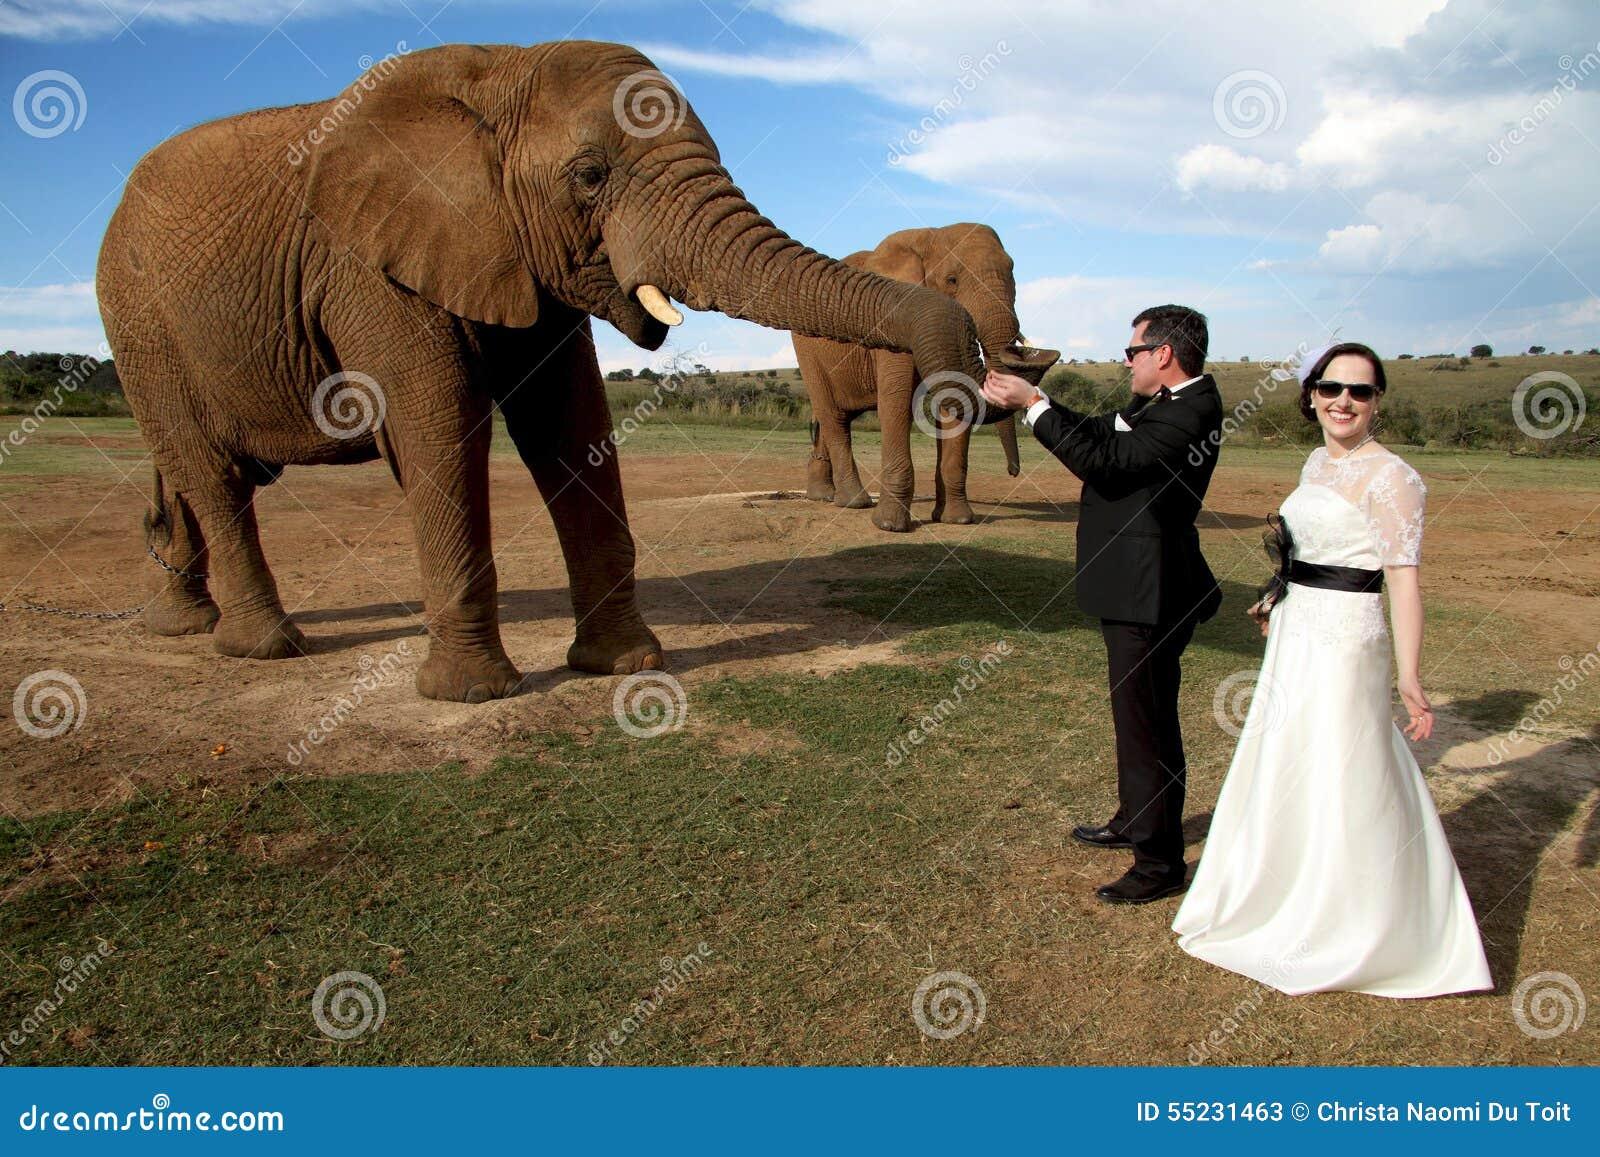 Wedding Couple And African Elephant Shoot Stock Photo ...